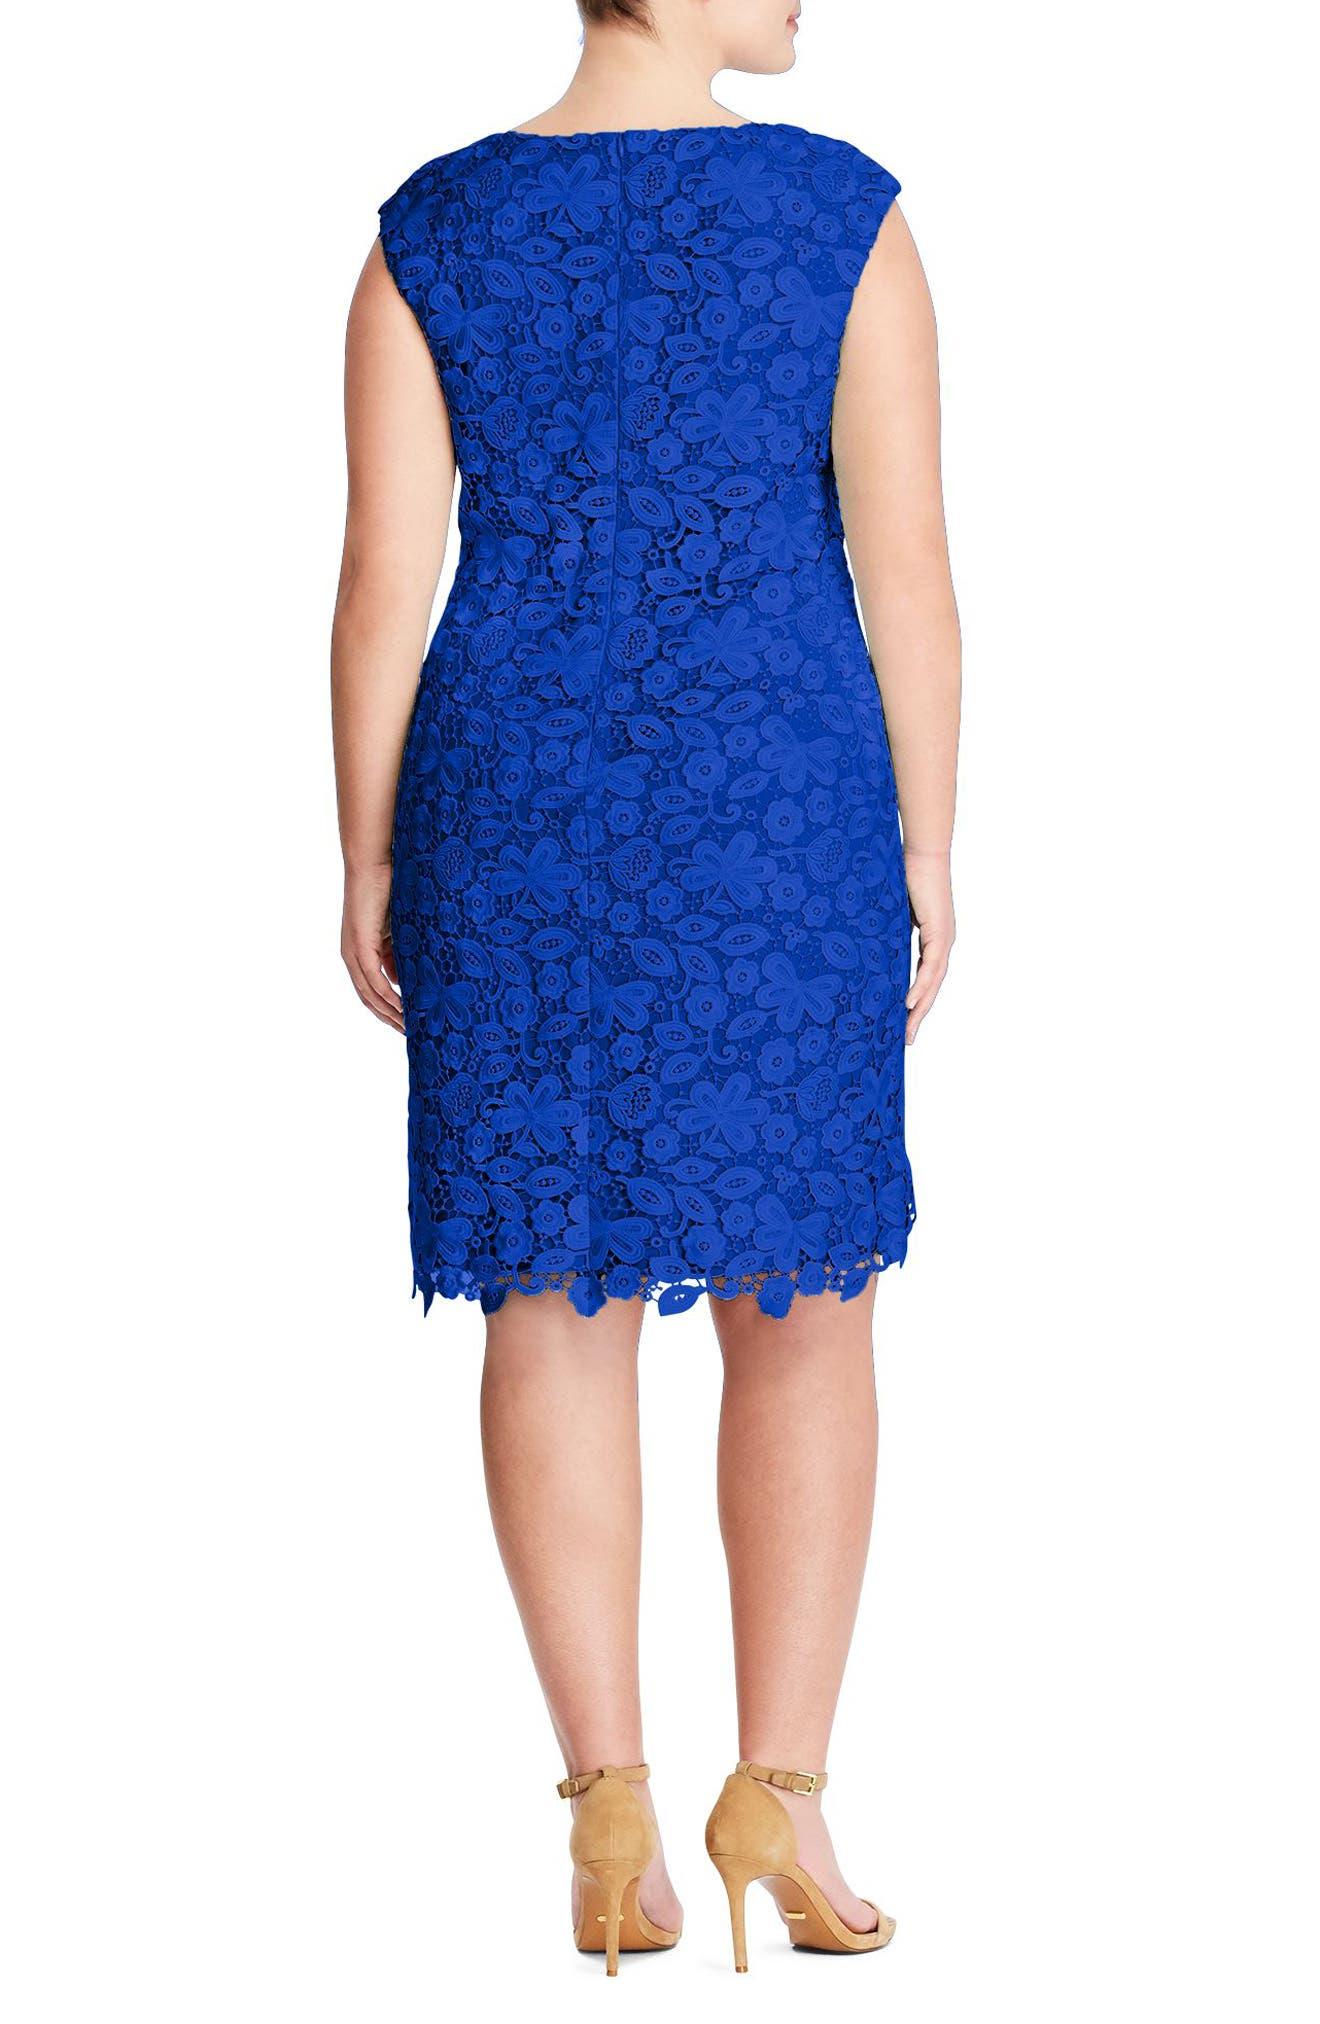 Montie Lace Sheath Dress,                             Alternate thumbnail 2, color,                             Deep Lapis